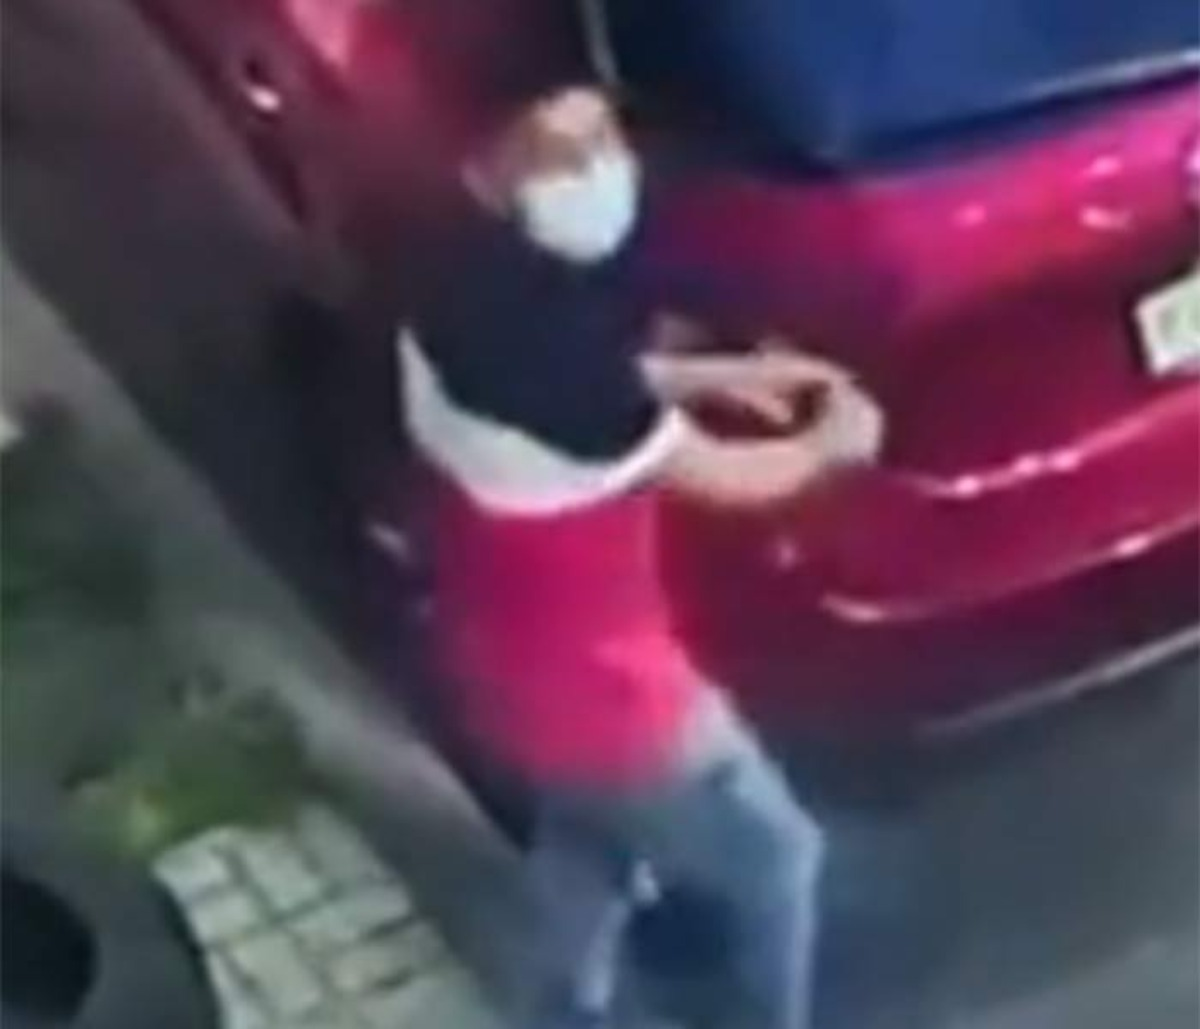 #VIDEO Menos de 30 segundos les tomó robar faros a los amantes de lo ajeno en la CDMX